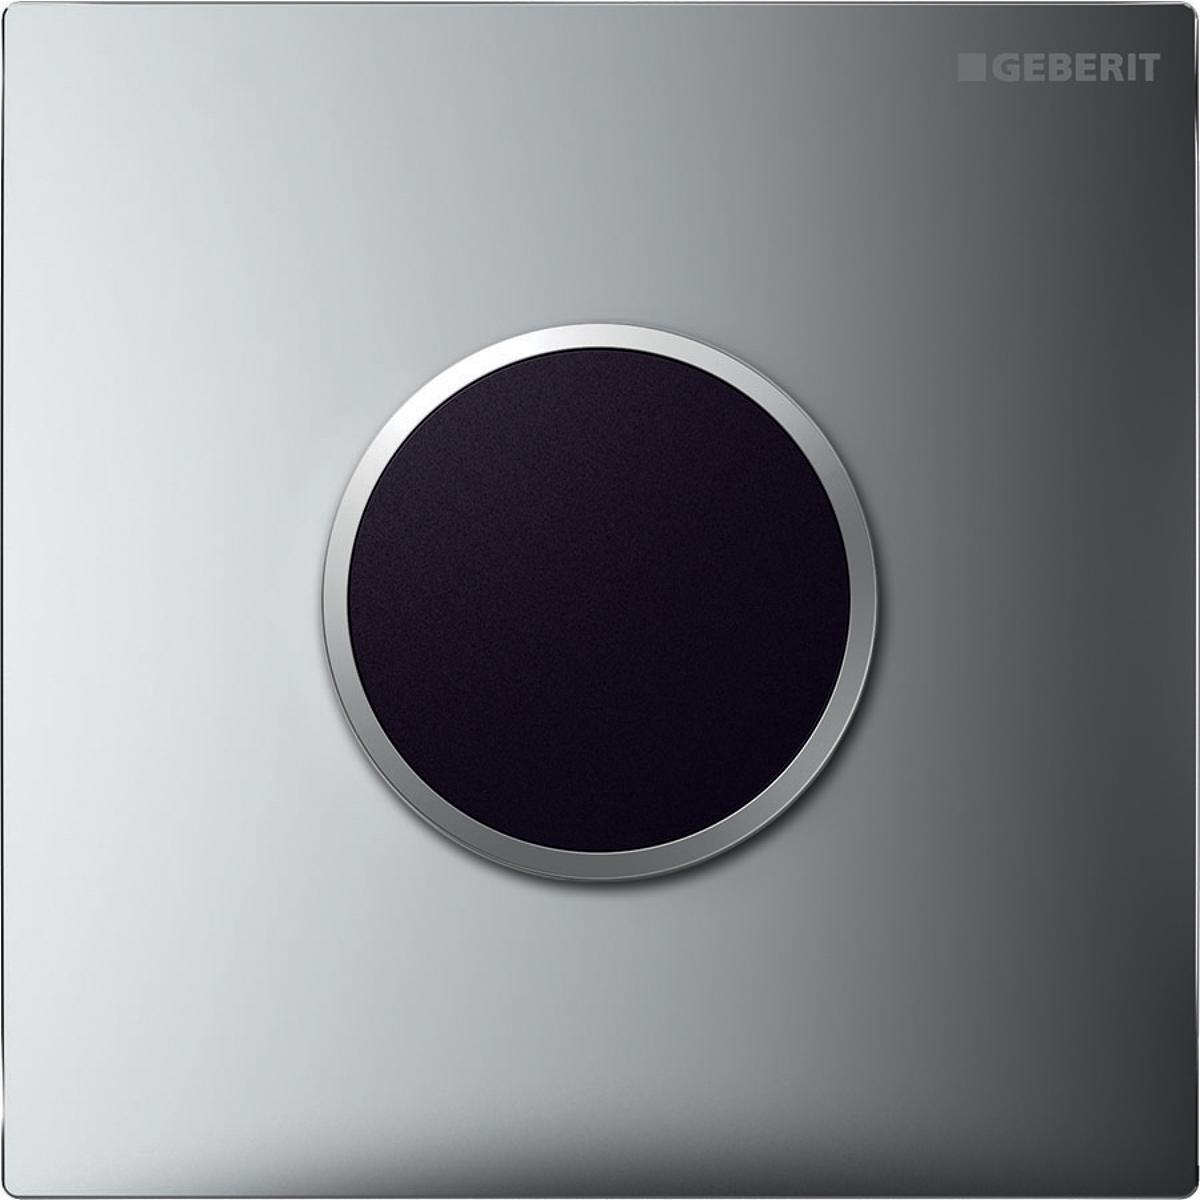 купить GEBERIT Sigma 10 116.025.KH.1  (130x130мм)